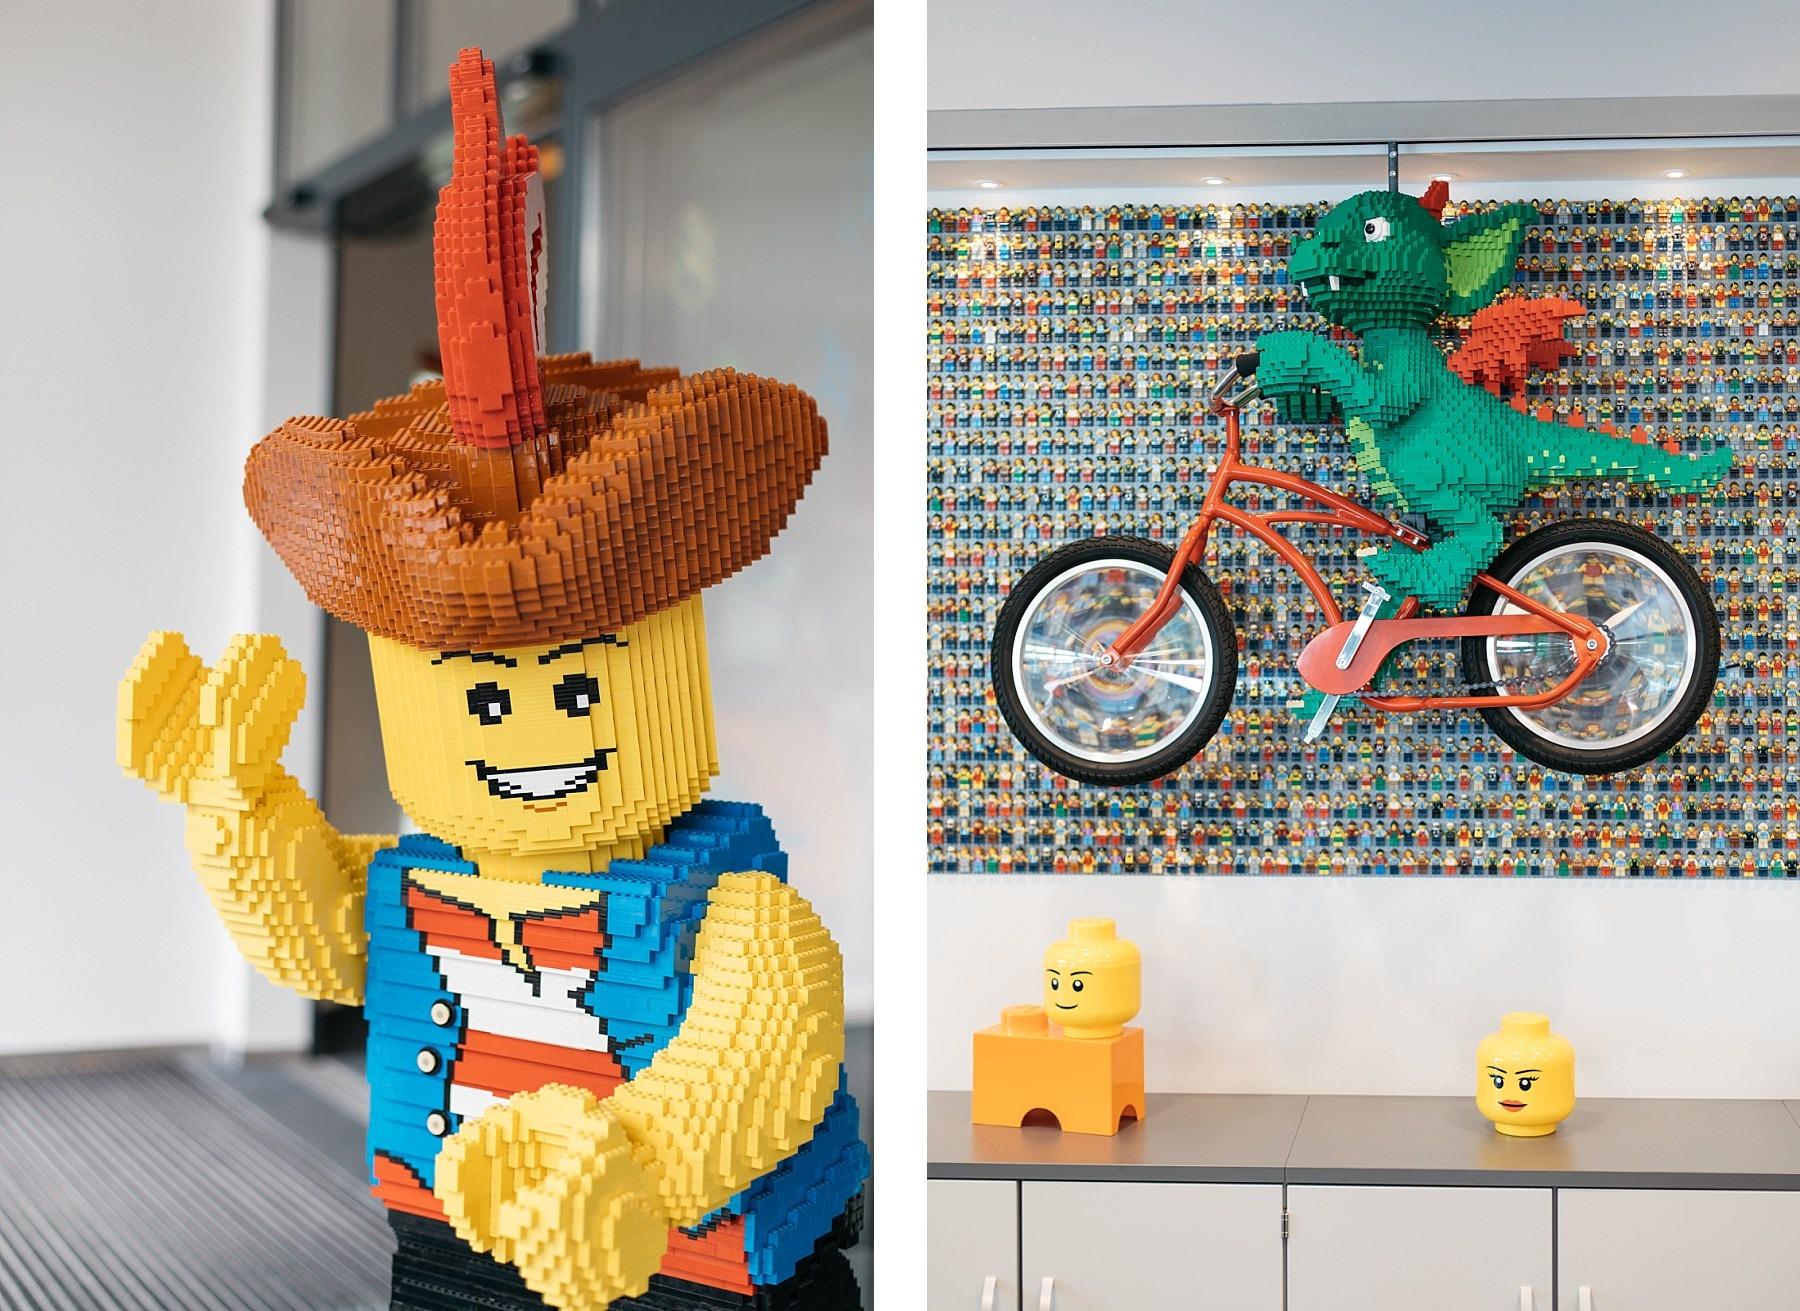 Legoland - 57 millions de briques Lego 3